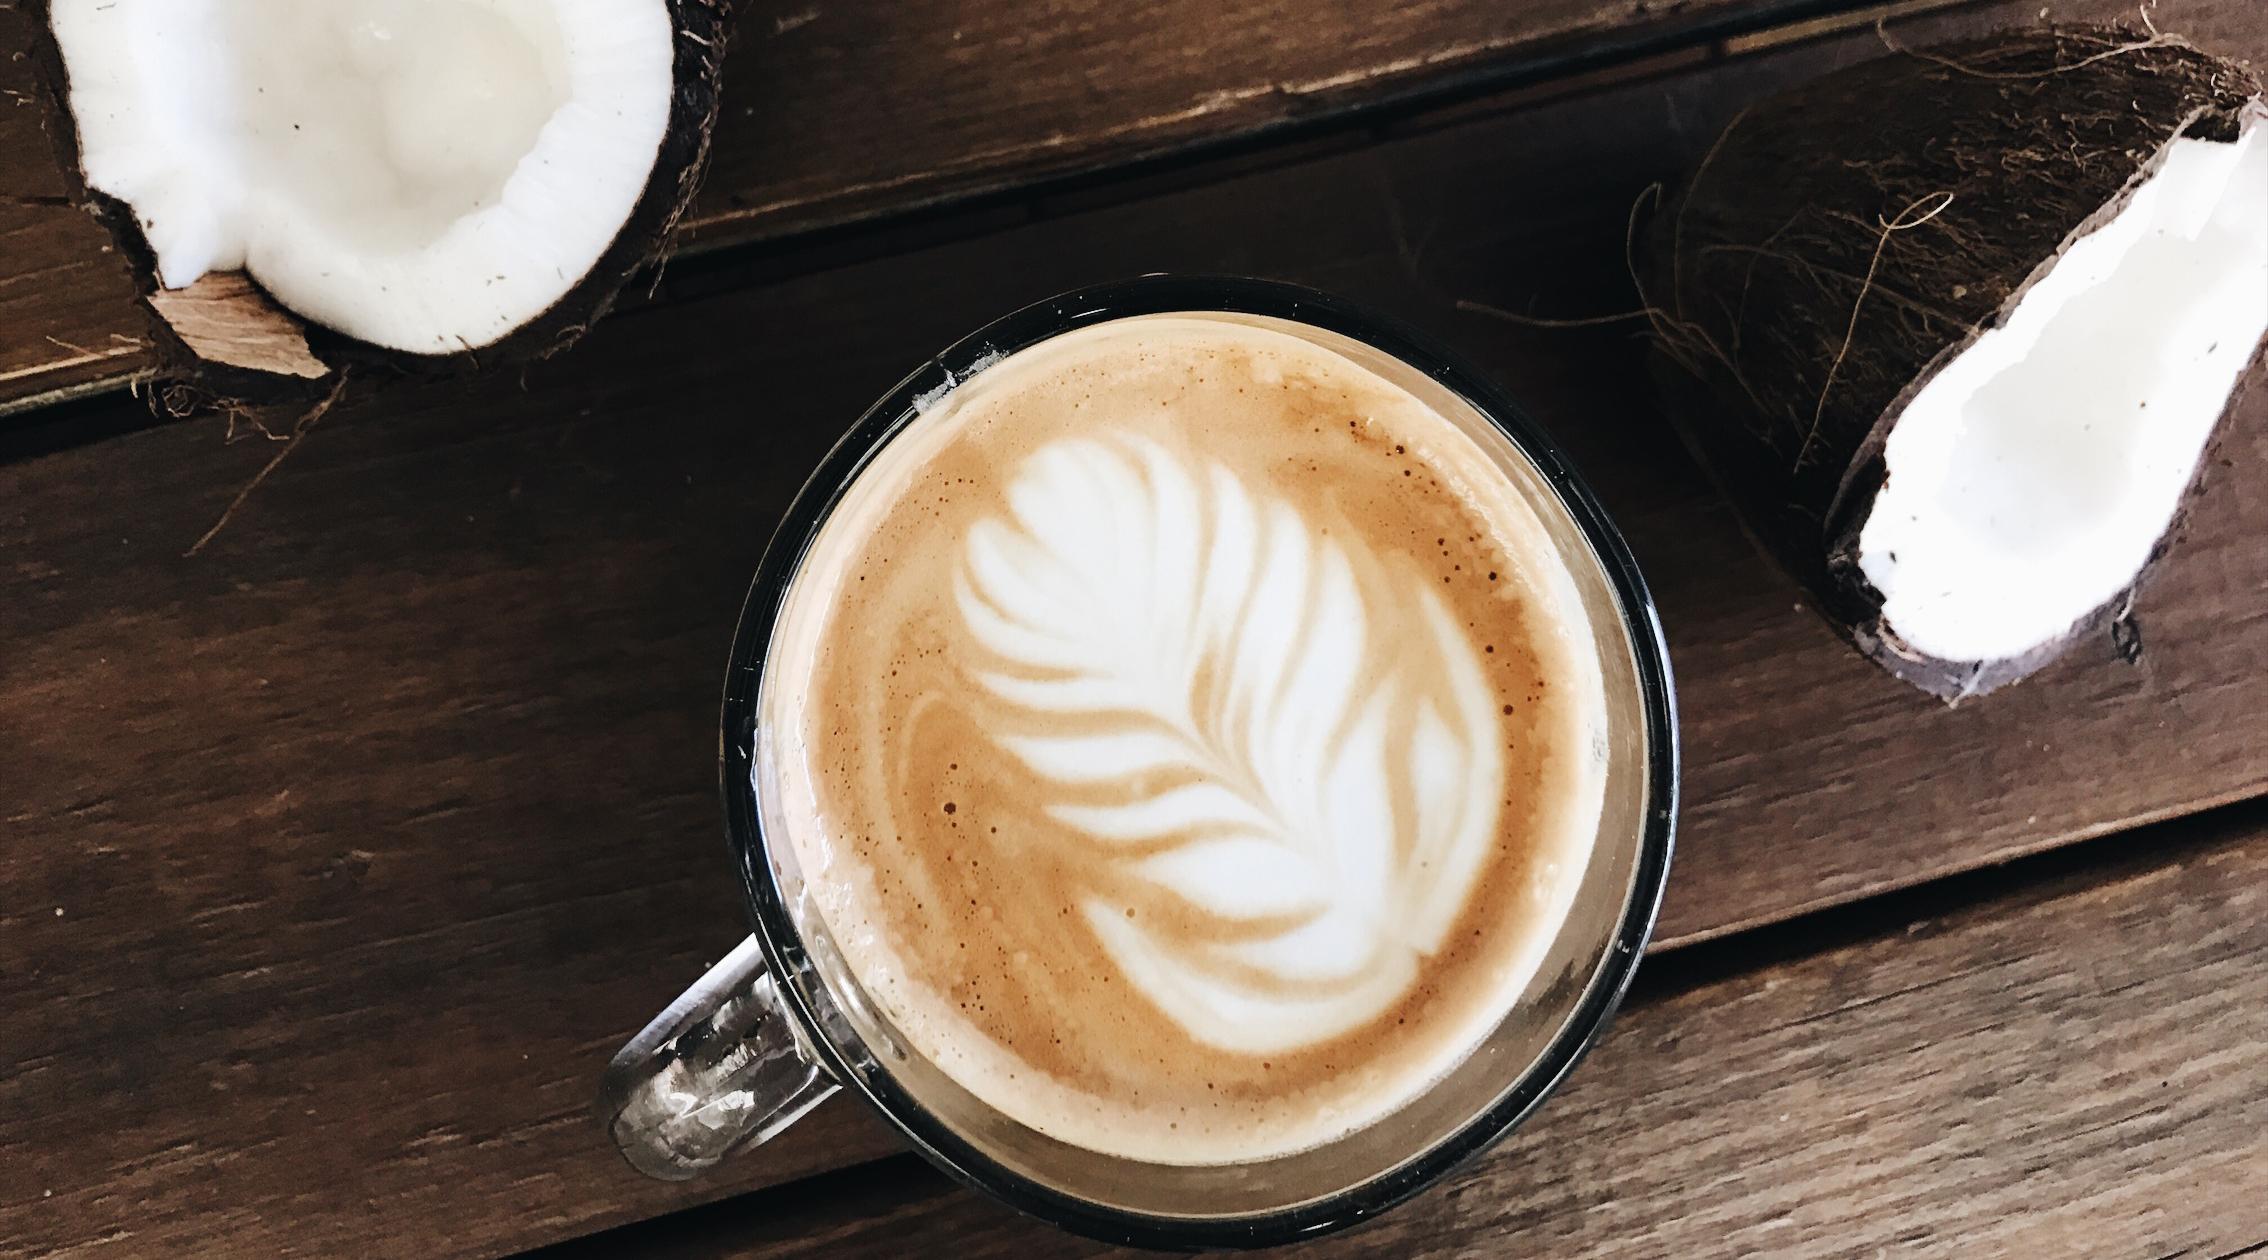 ¿Café con leche de coco? ¿Dónde?